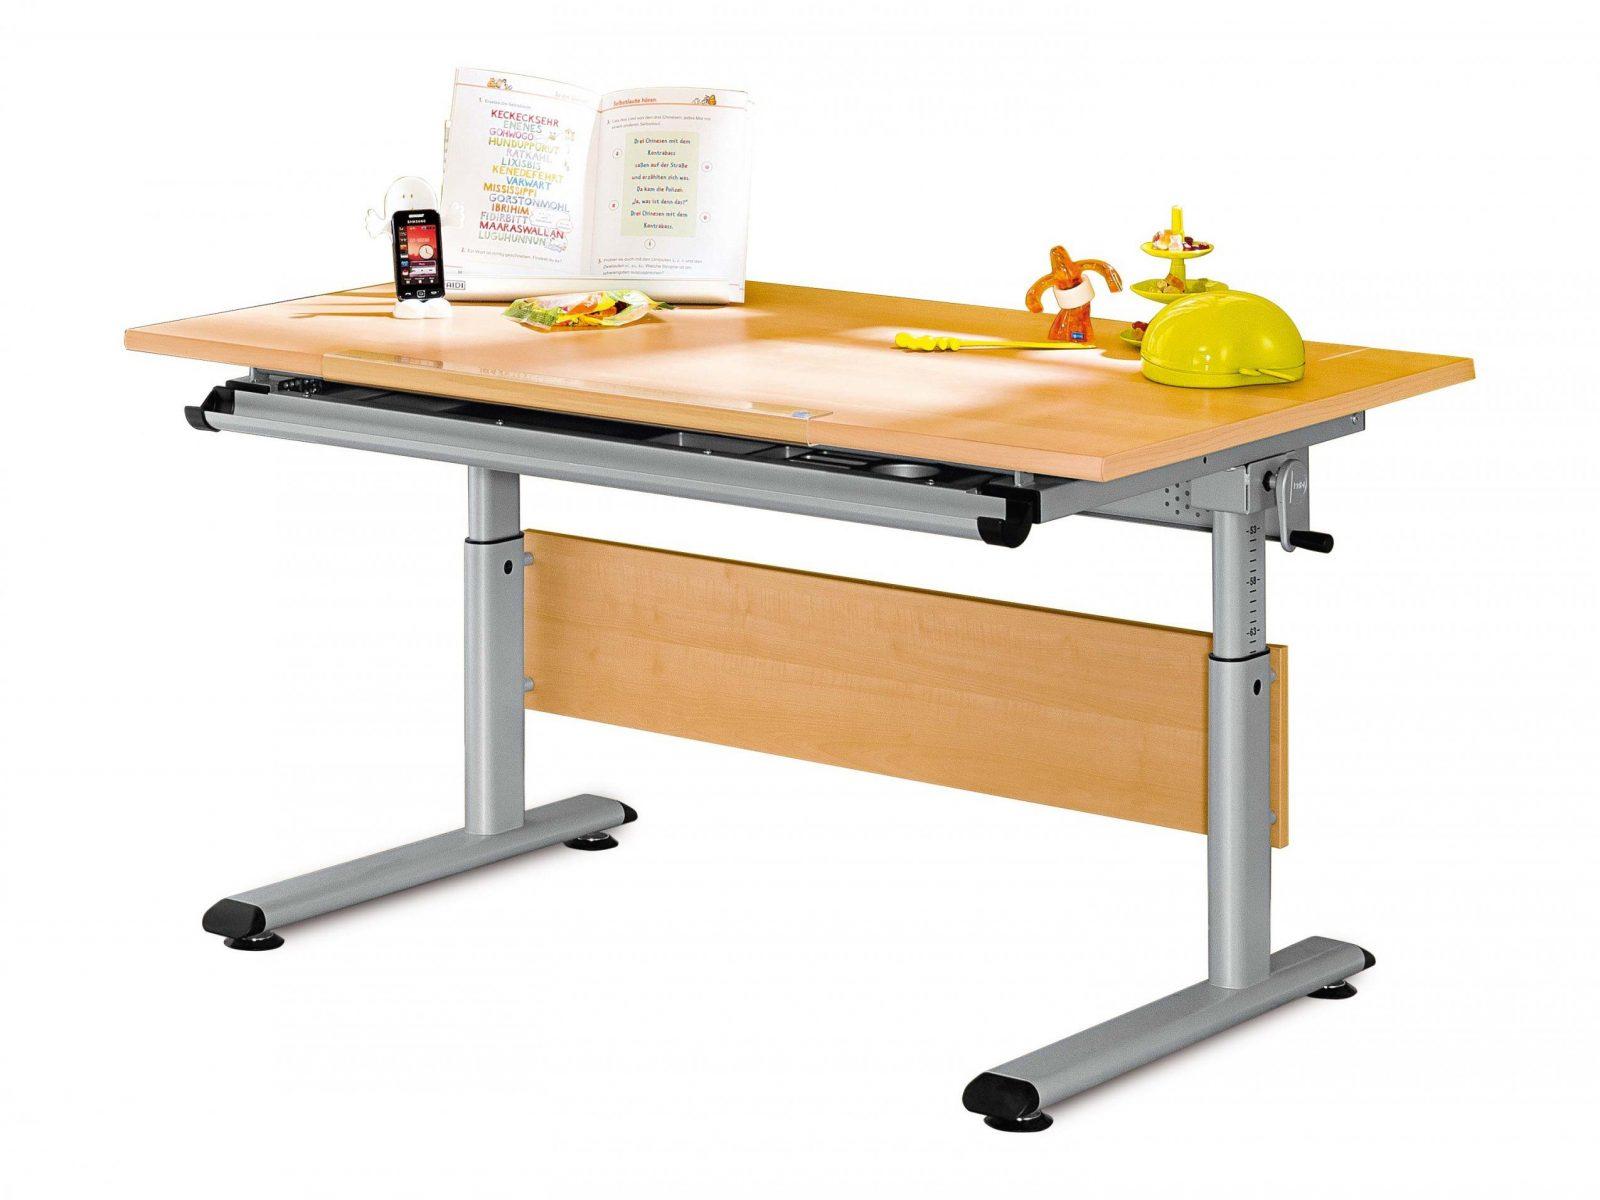 Schreibtisch Marco 2 Paidi Ahorn Von Paidi Und Tische Gnstig Online von Paidi Schreibtisch Marco 2 Gt Photo